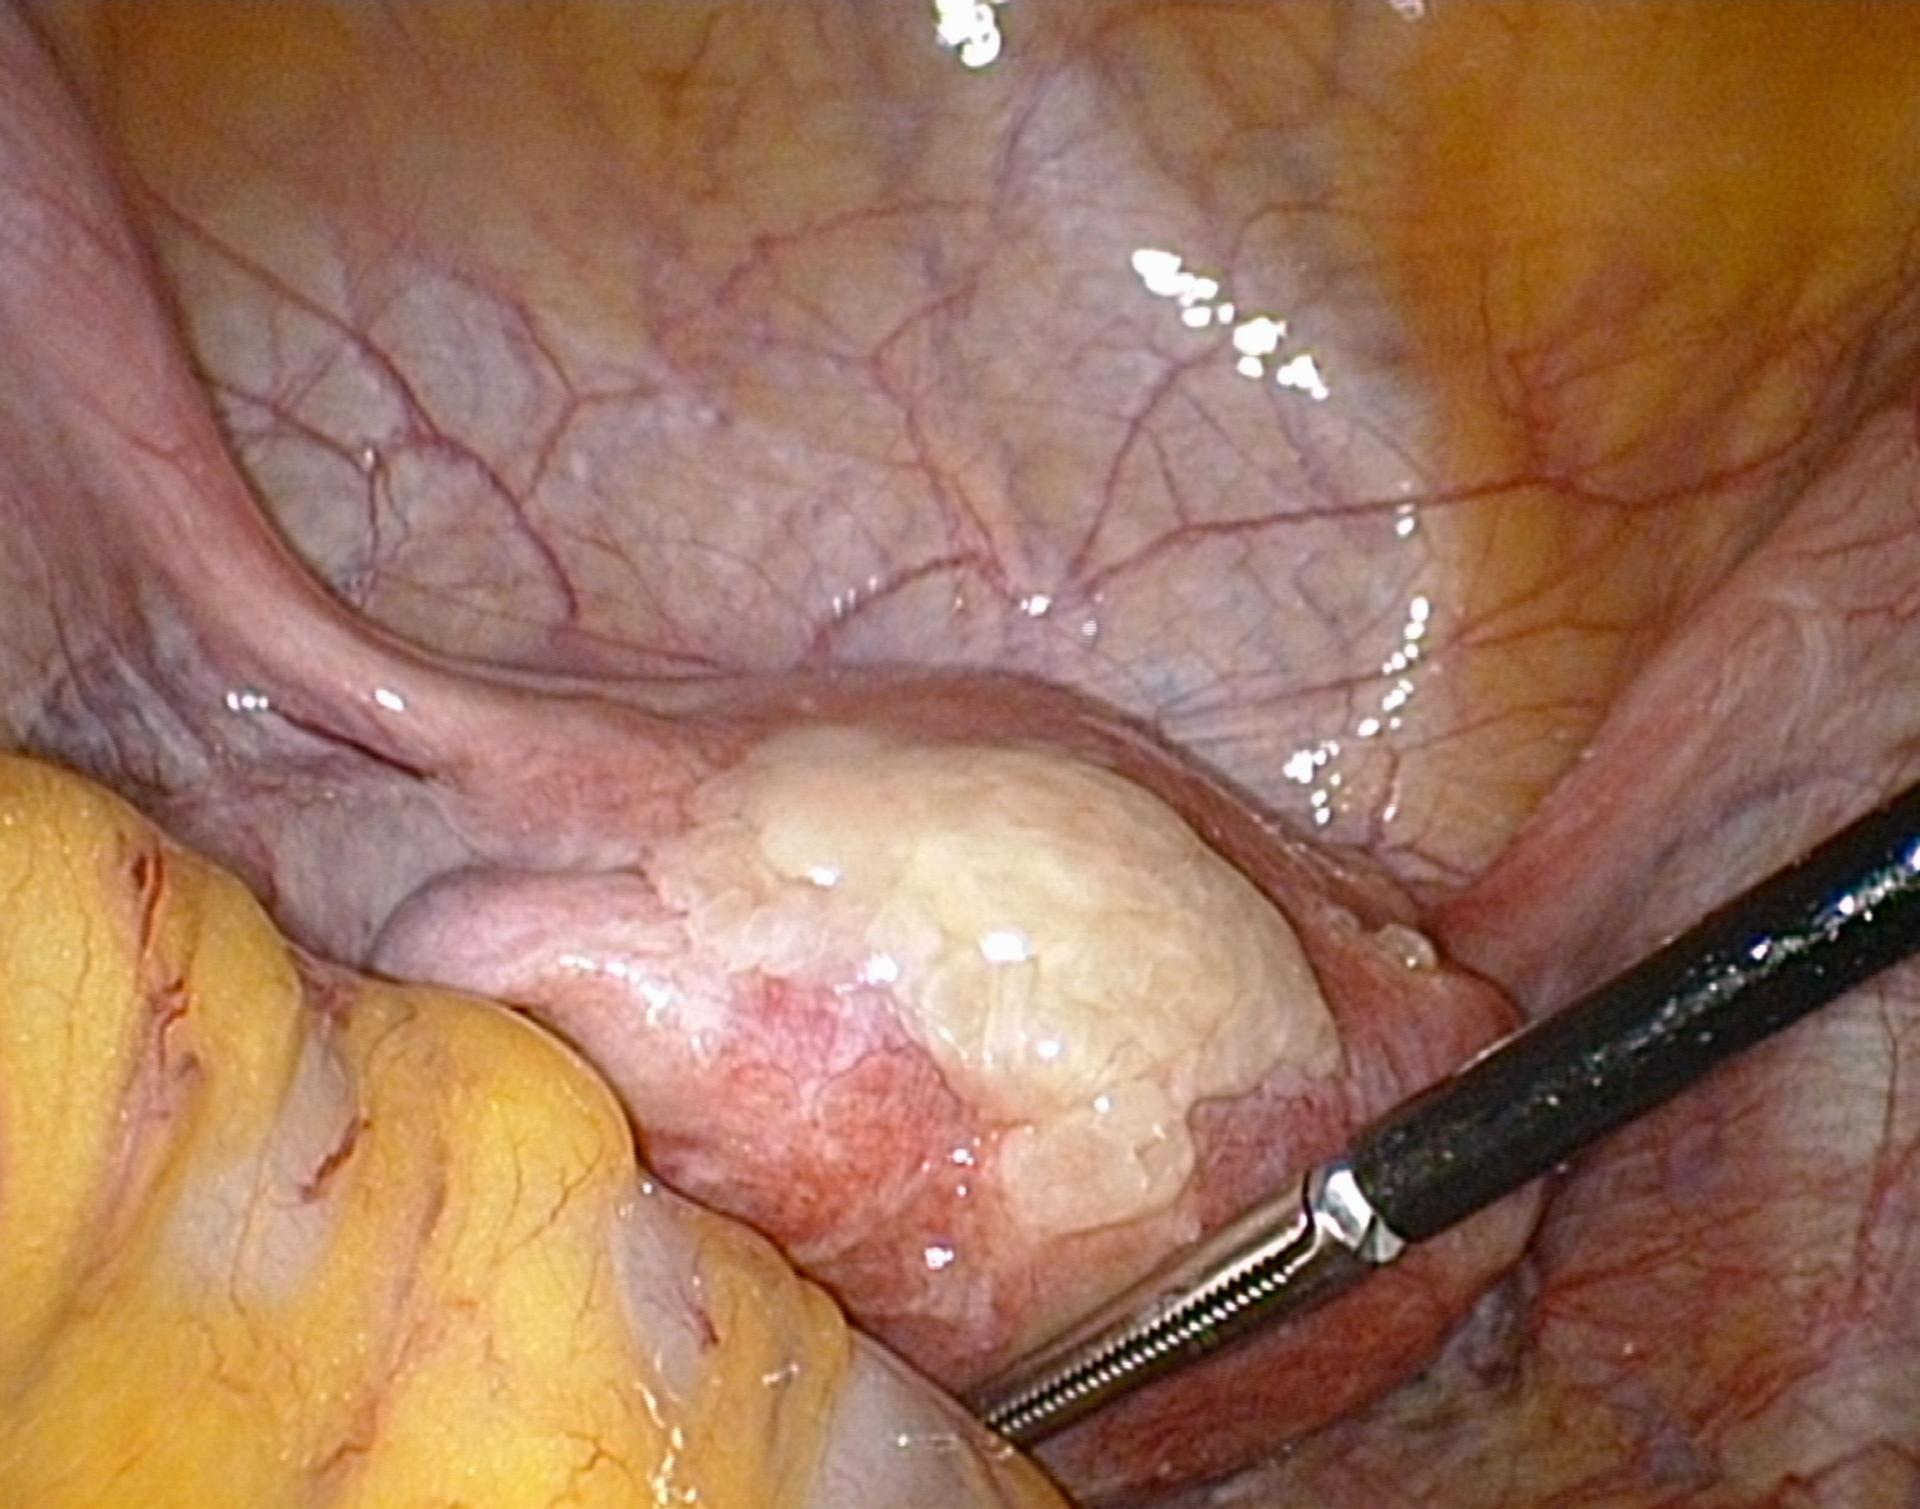 Ulcera duodenal perforada